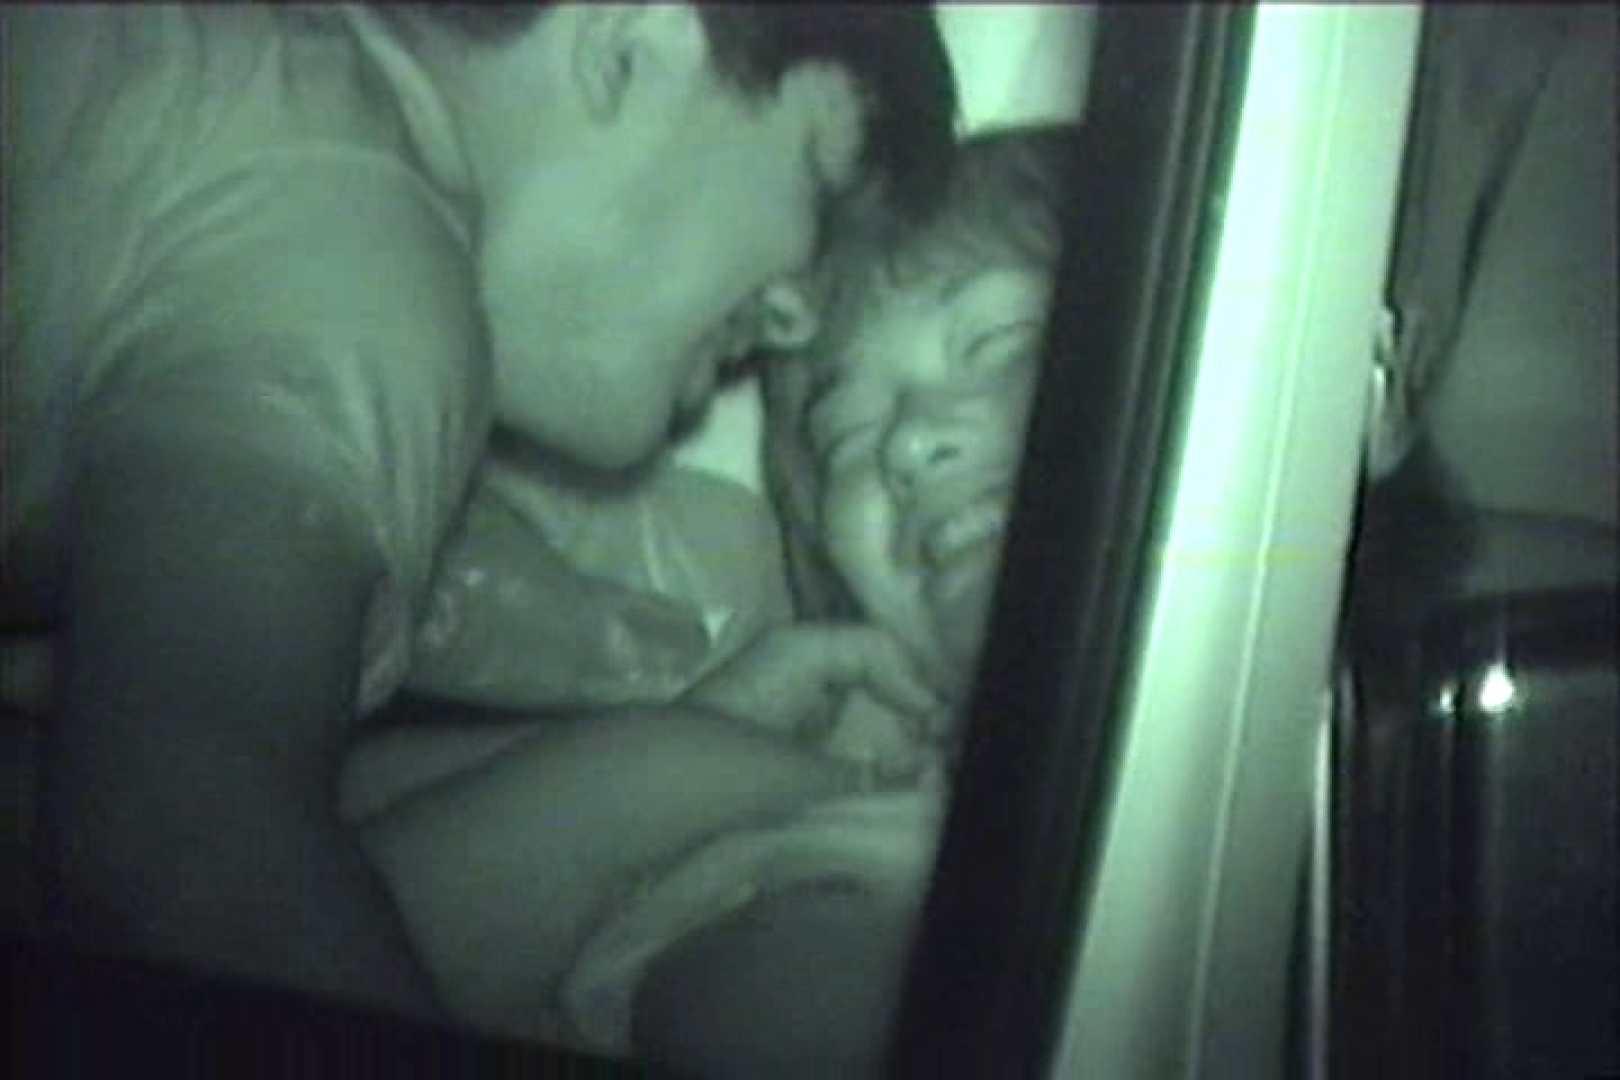 車の中はラブホテル 無修正版  Vol.17 車の中のカップル オマンコ無修正動画無料 97画像 53